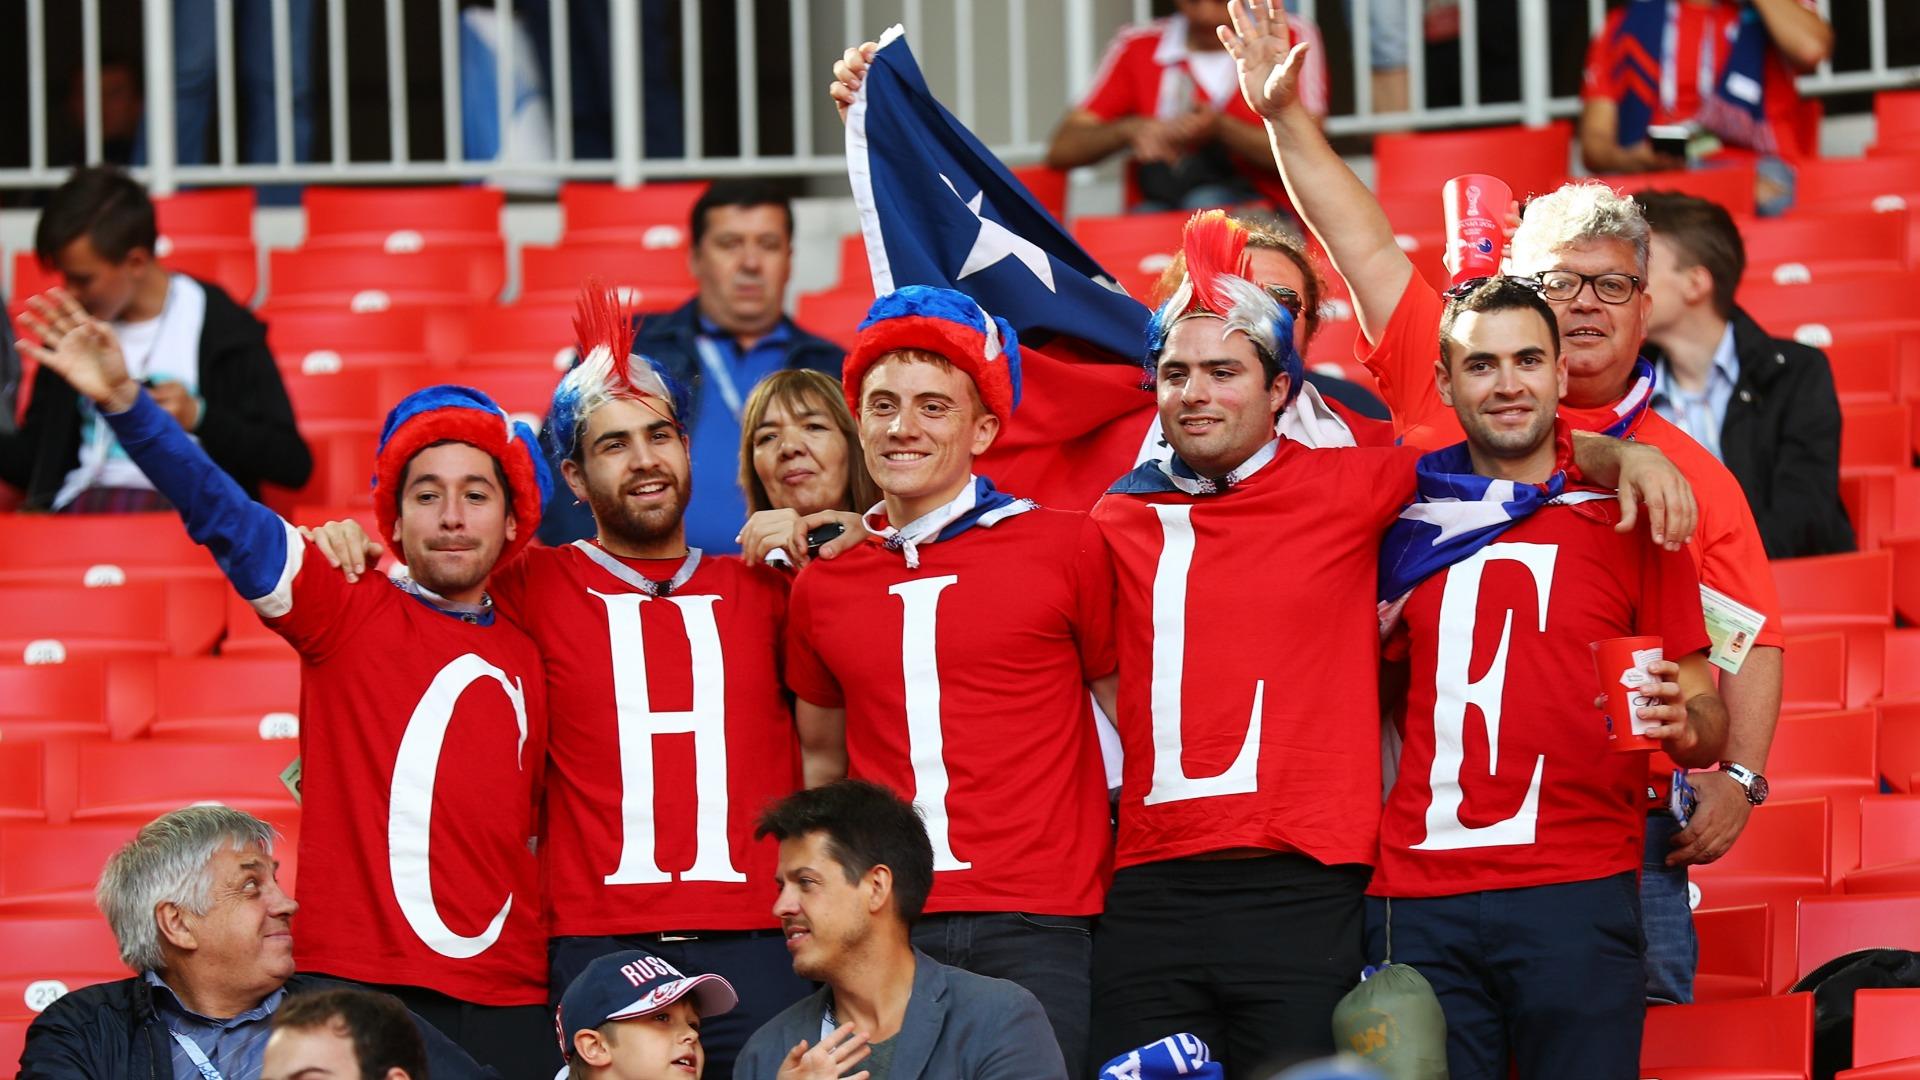 Confirman dos apuñalados en riña entre hinchas chilenos — Escándalo en Moscú